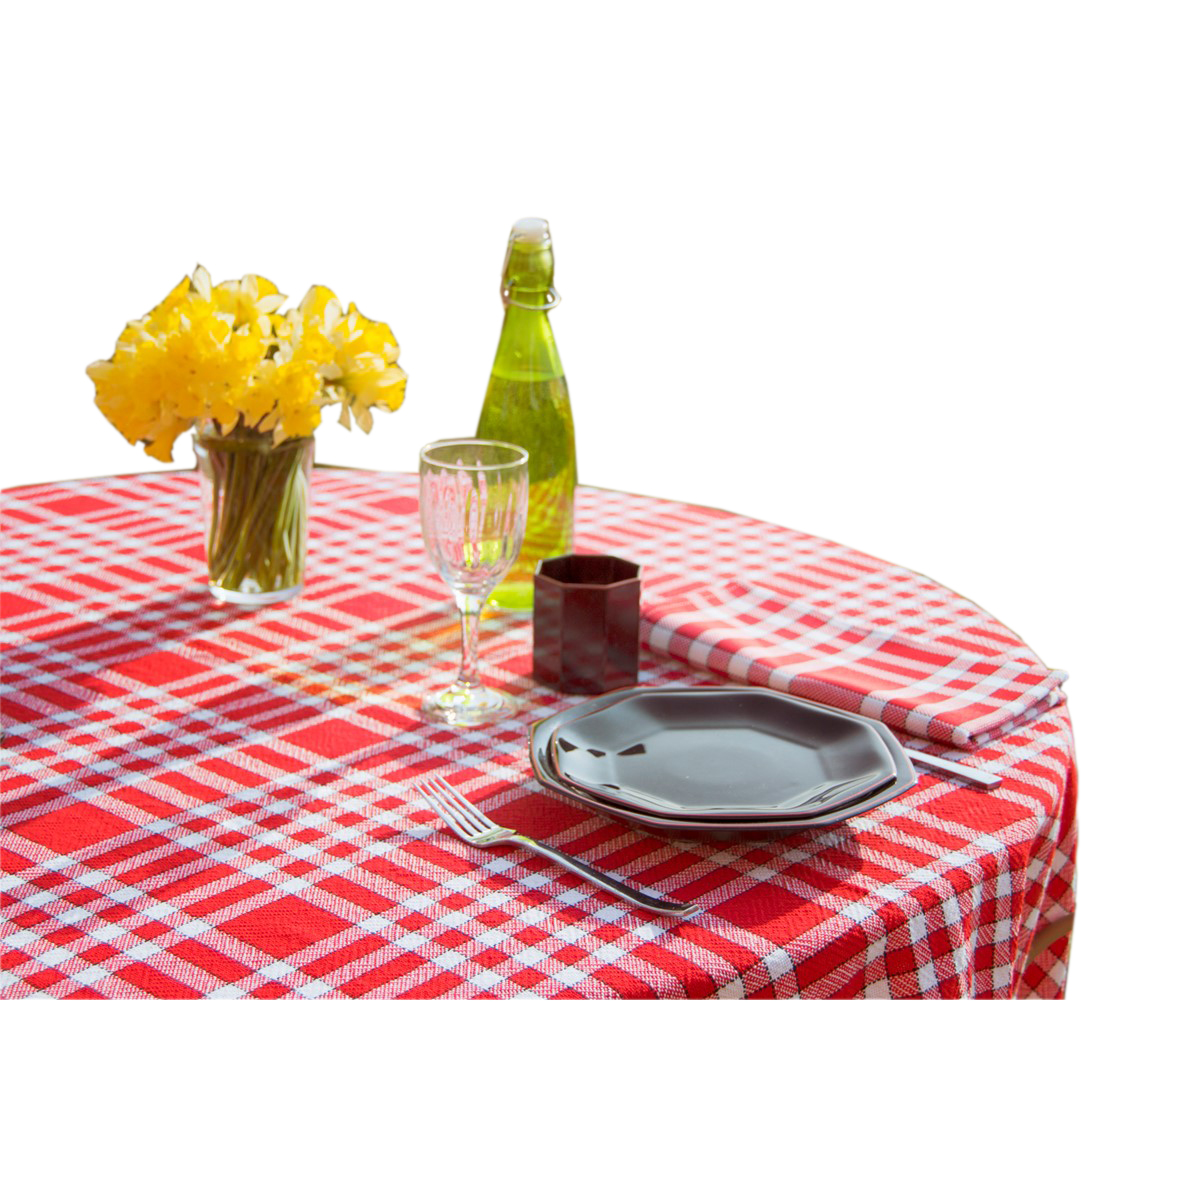 Nappe tissu carreaux vichy en coton rouge 150x250 cm